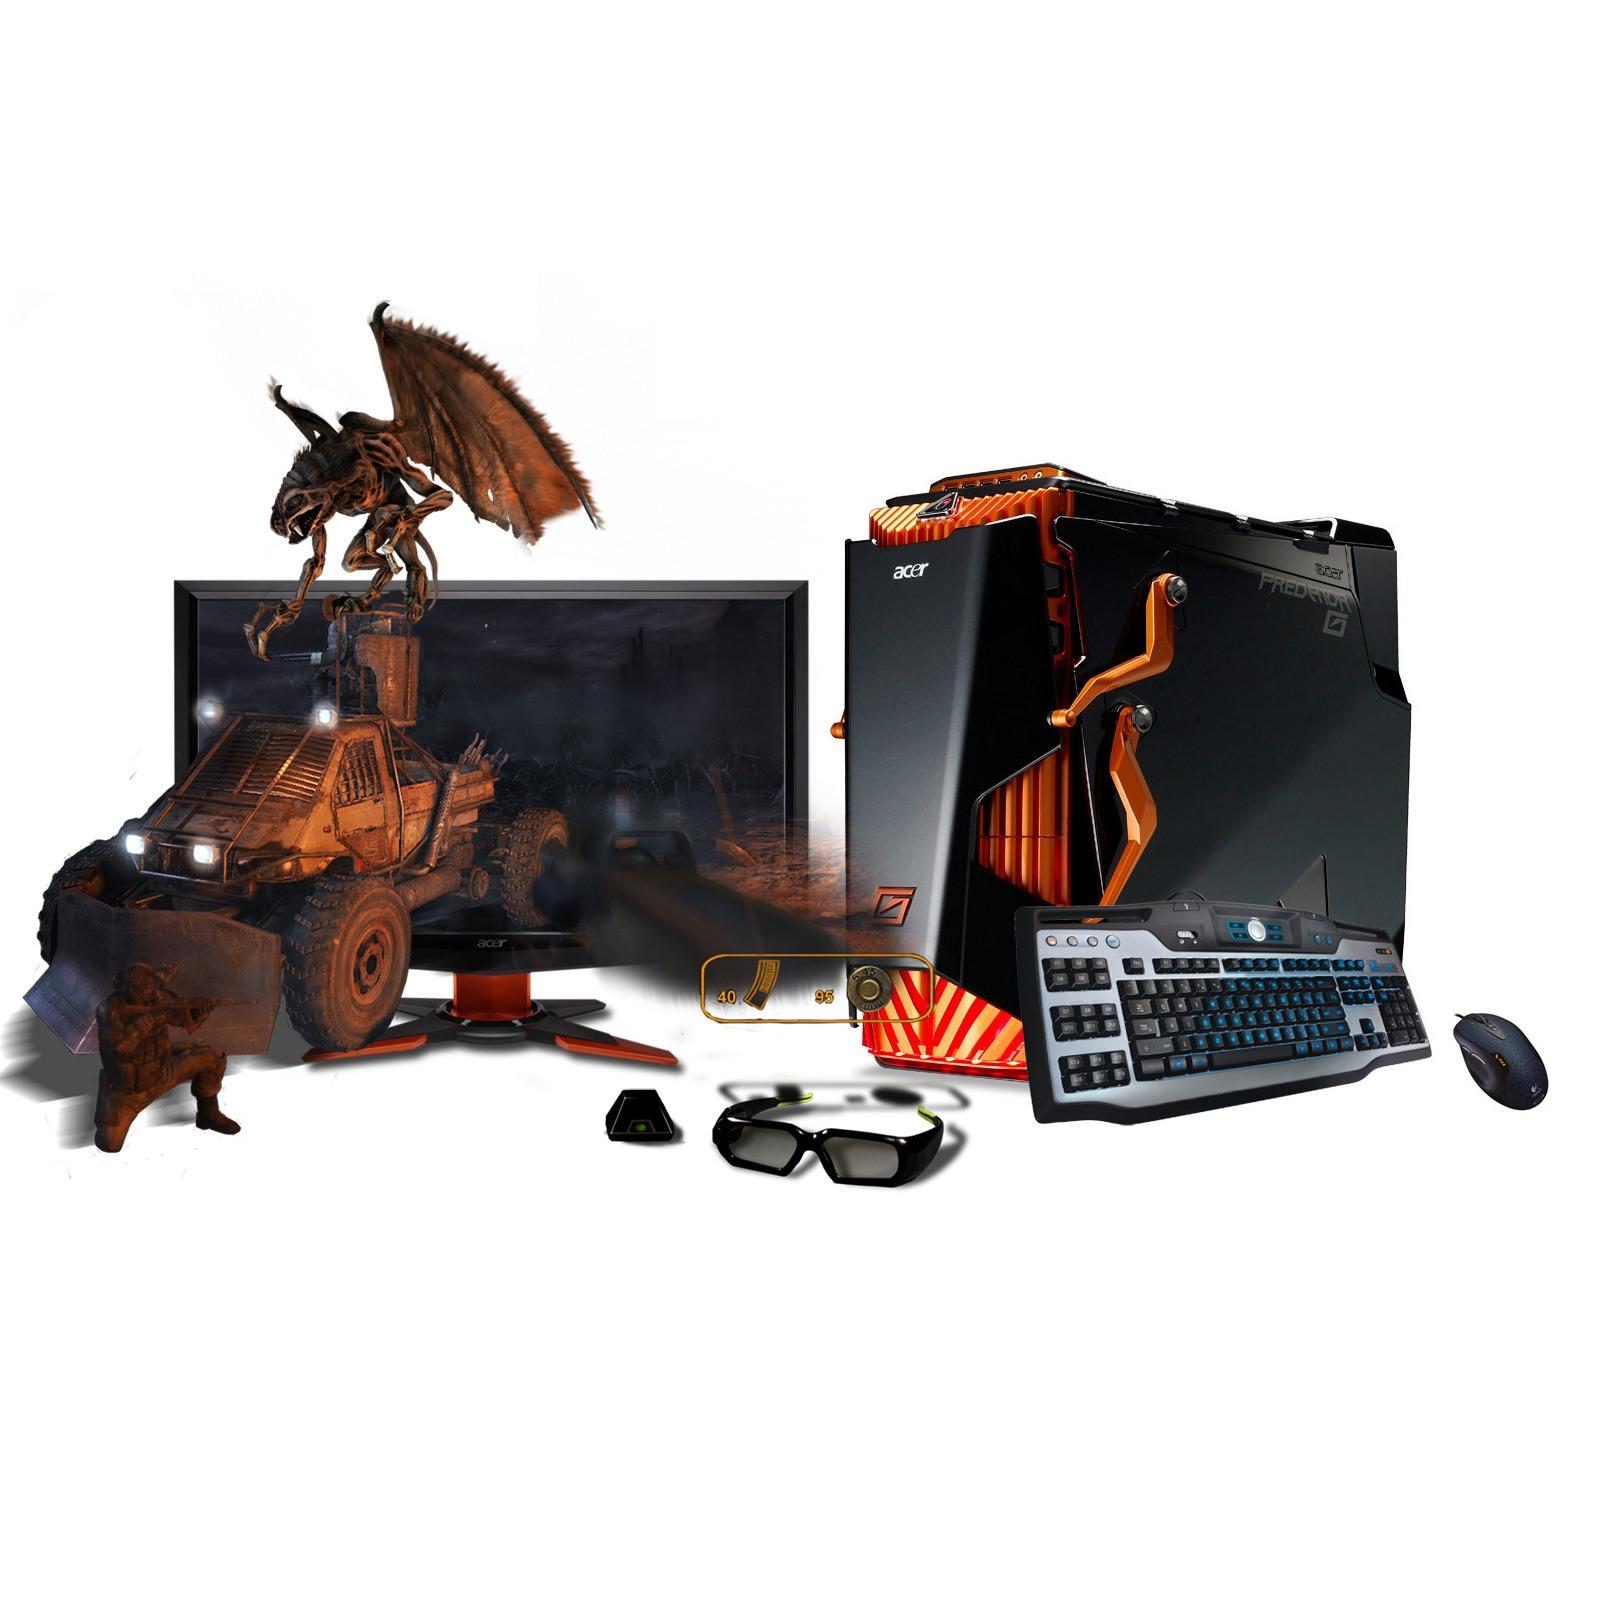 """PC de bureau Acer Aspire Predator G7750 3D Vision Acer Aspire Predator G7750 3D Vision - Intel Core i7-930 6 Go 2 To (2x 1 To) NVIDIA GeForce GTX 470 1280MB LCD 23.6"""" 3D Ready Lecteur Blu-ray Lunettes 3D Windows 7 Premium 64 bits"""